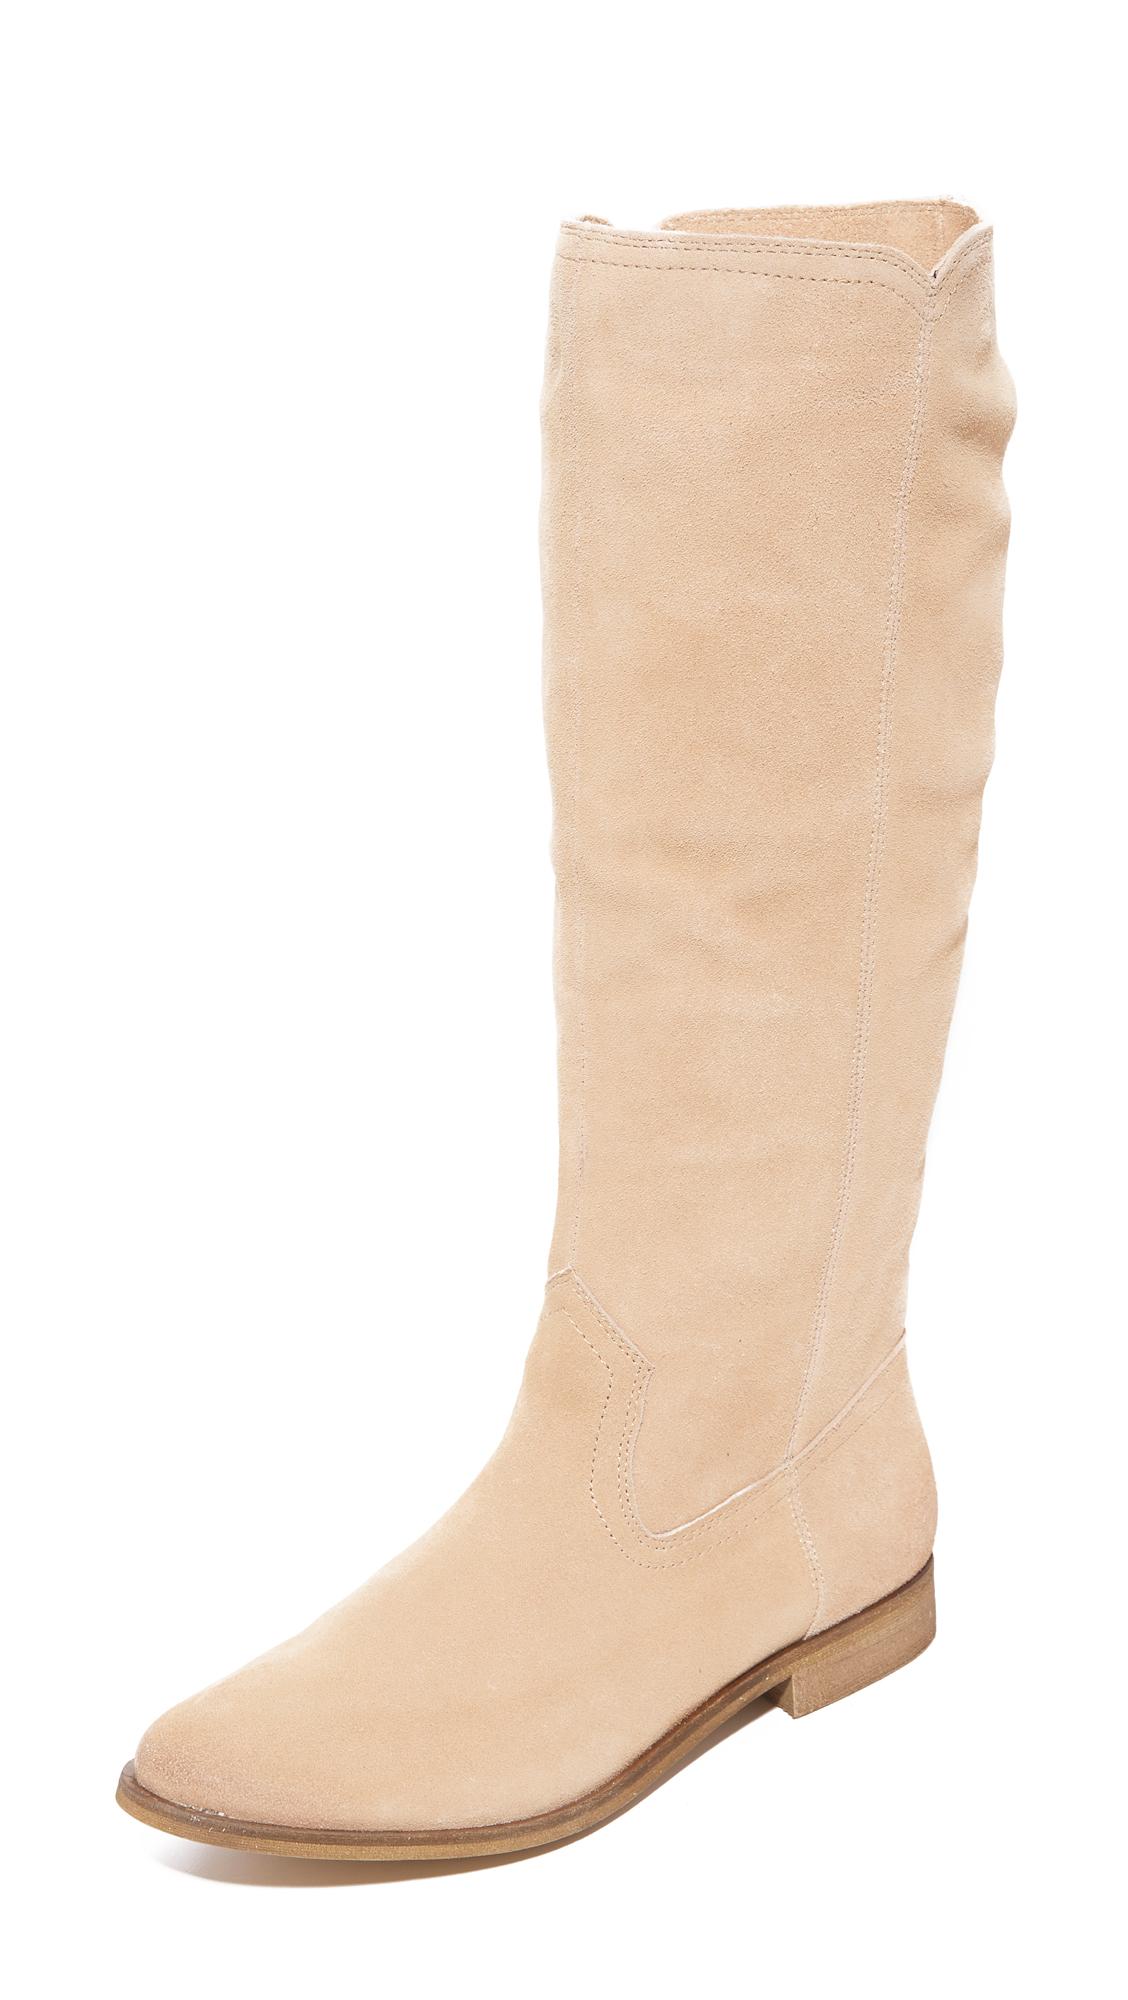 Splendid Penelope Boots - Nut